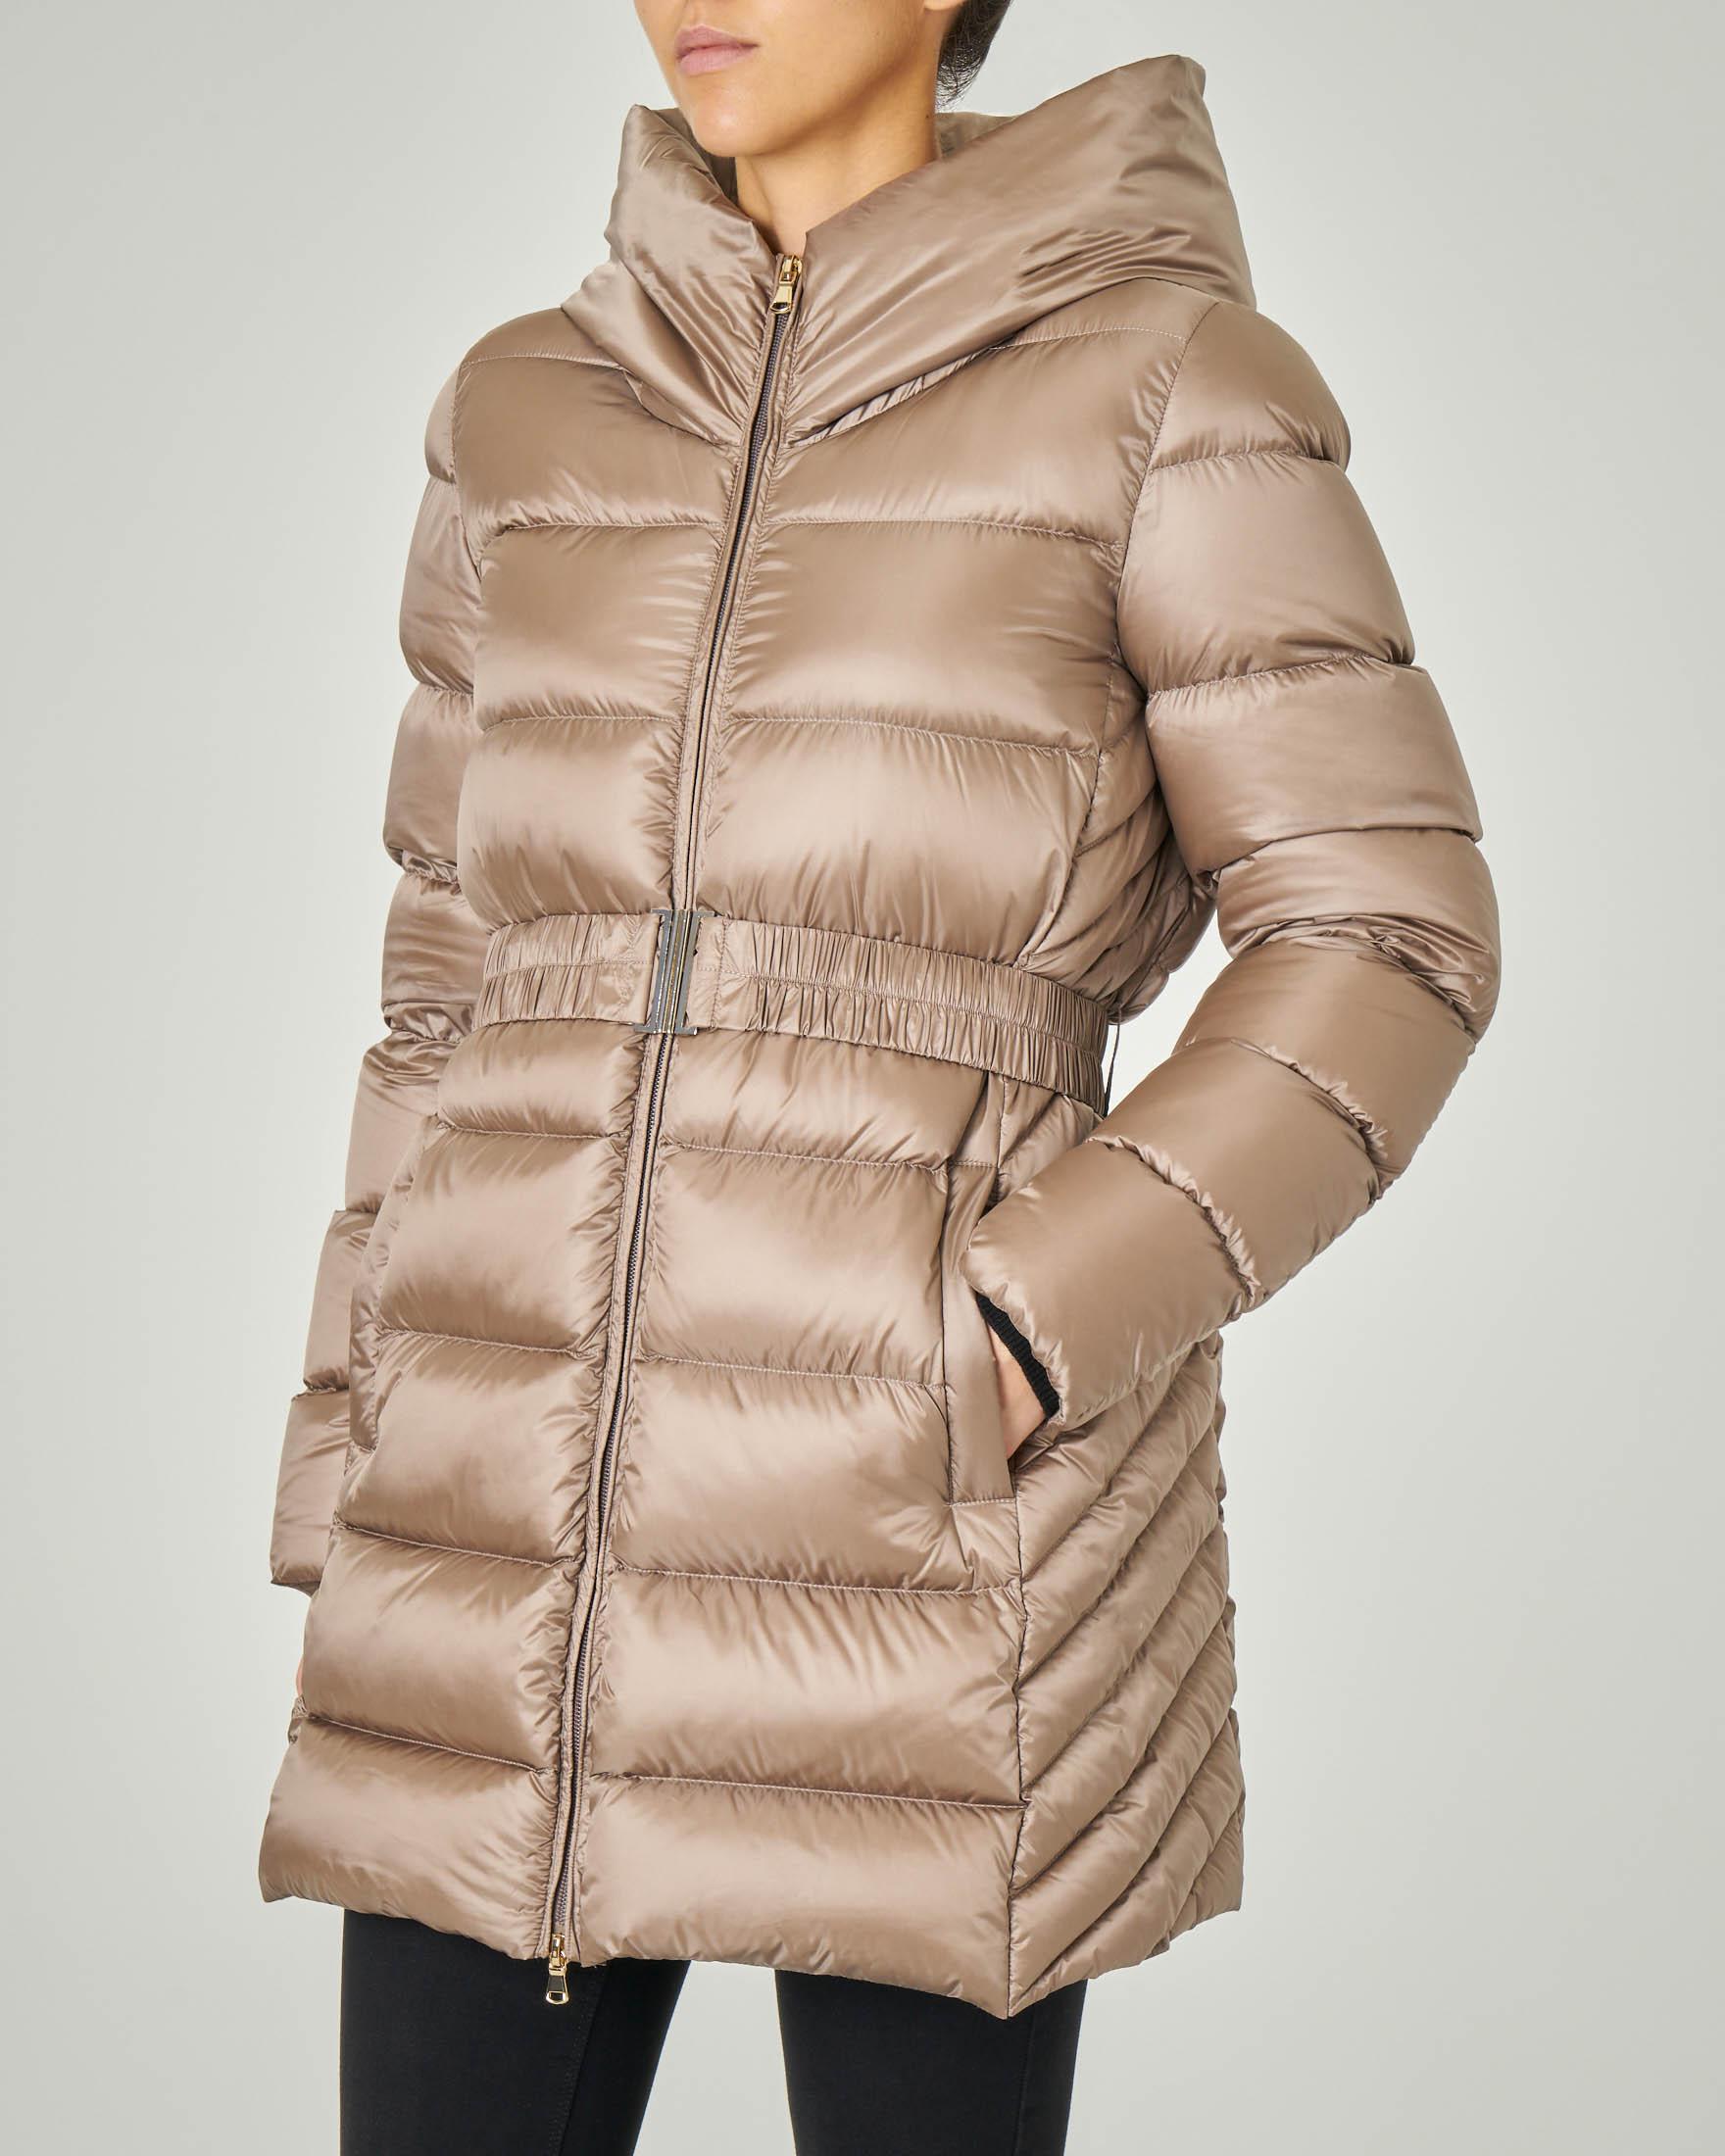 Piumino beige con cappuccio fisso e cintura elastica arricciata in vita